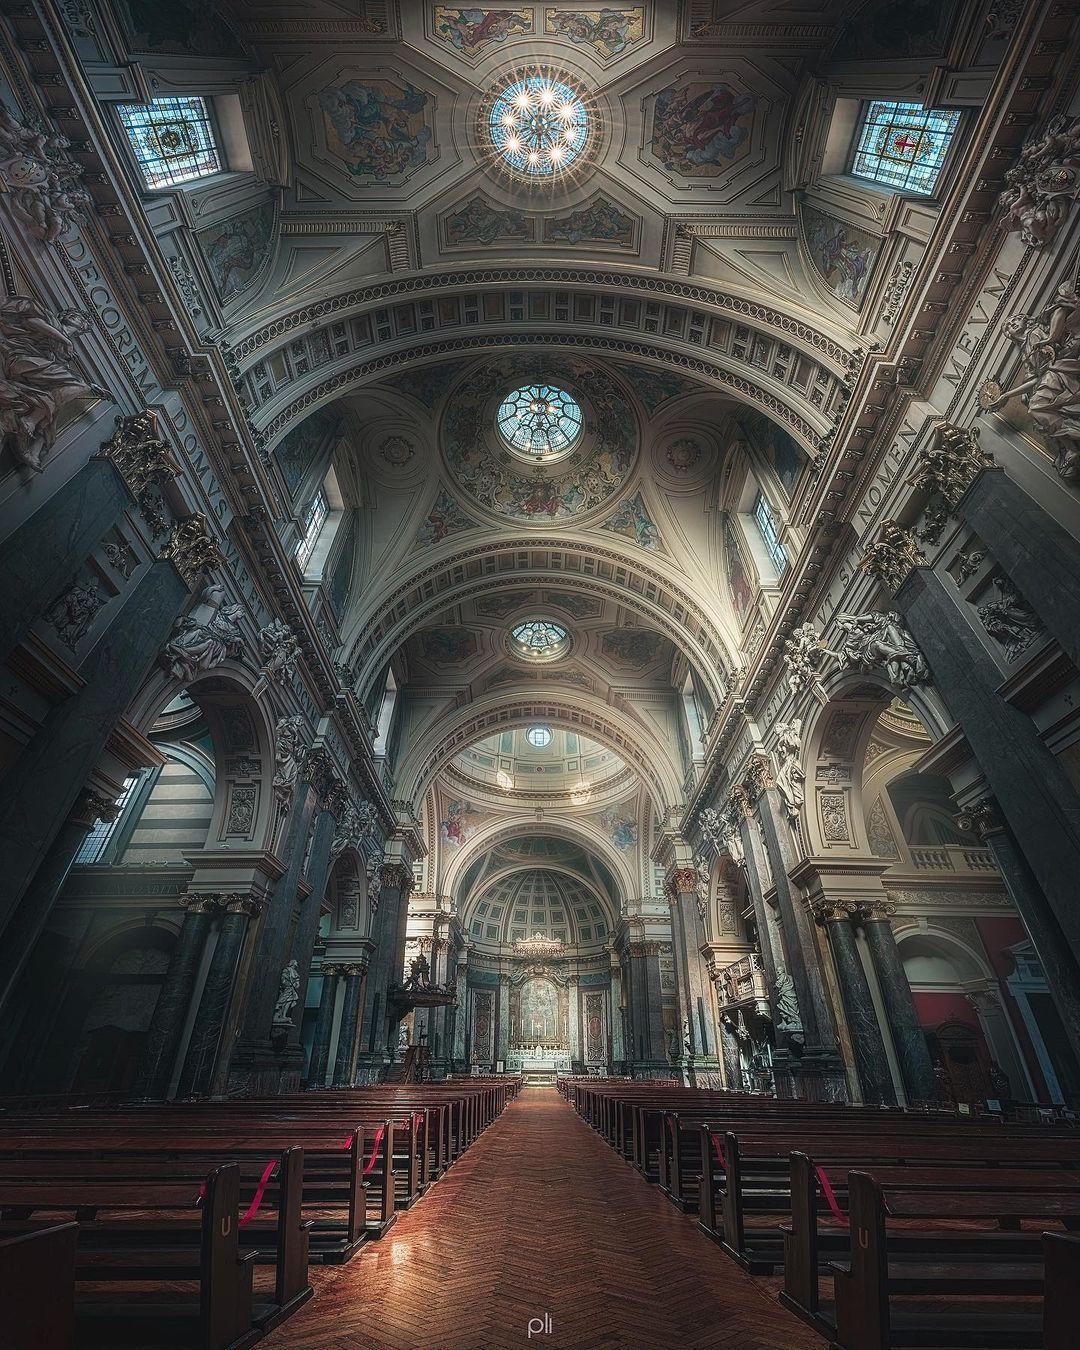 Впечатляющие архитектурные панорамы от Питера Ли